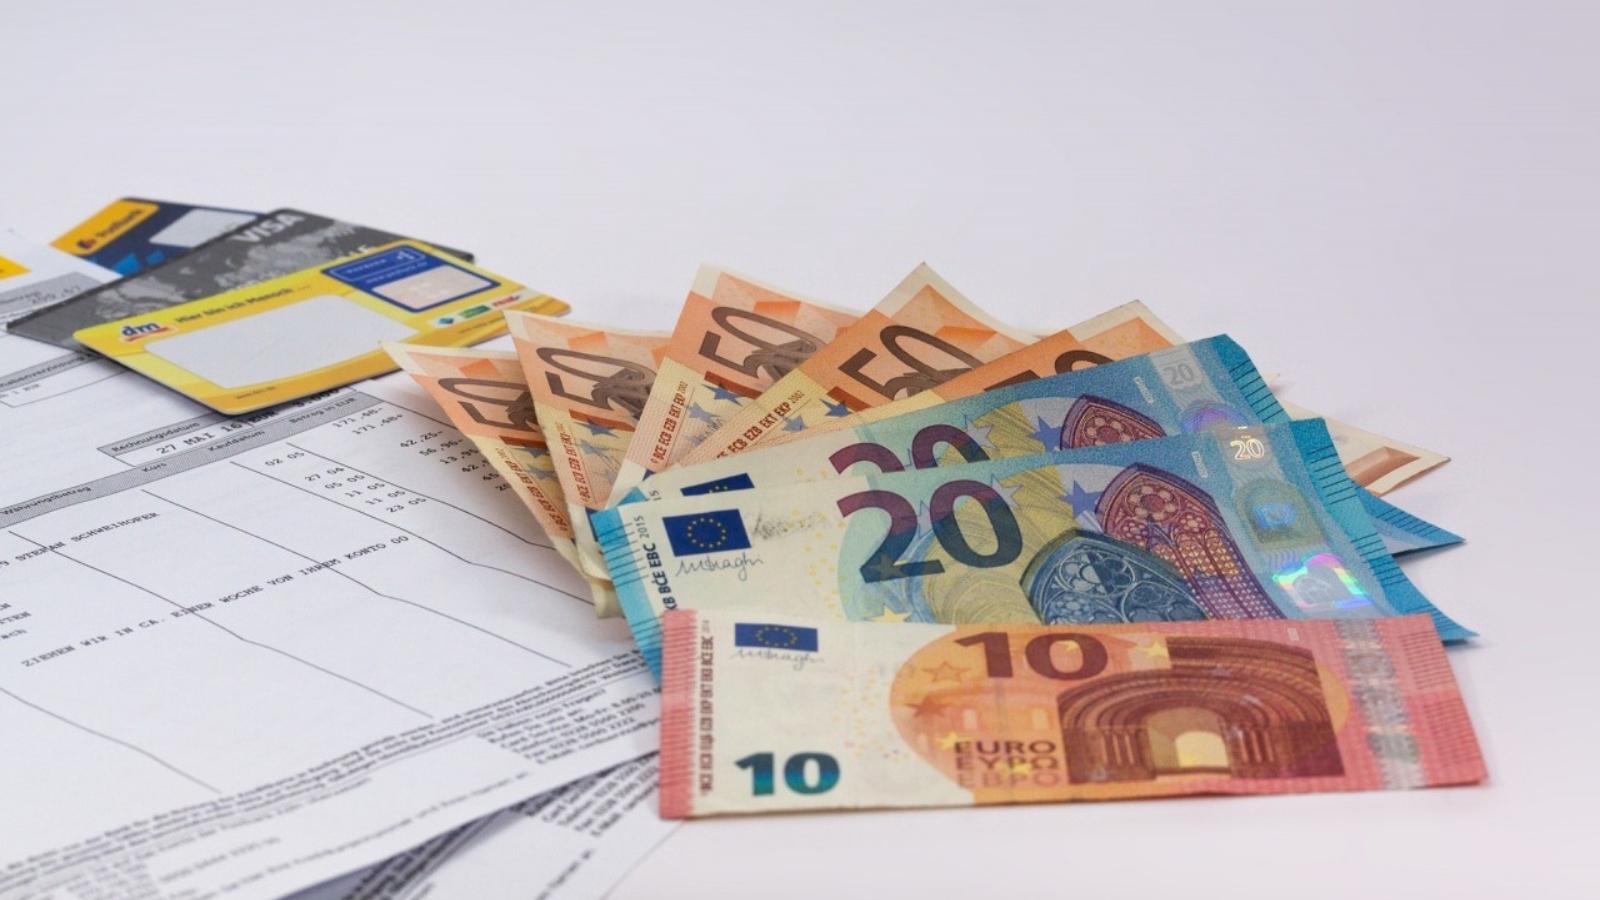 Κοινοί τραπεζικοί λογαριασμοί: Πότε γίνονται κατασχέσεις ακόμα και αν δεν χρωστάτε πουθενά!